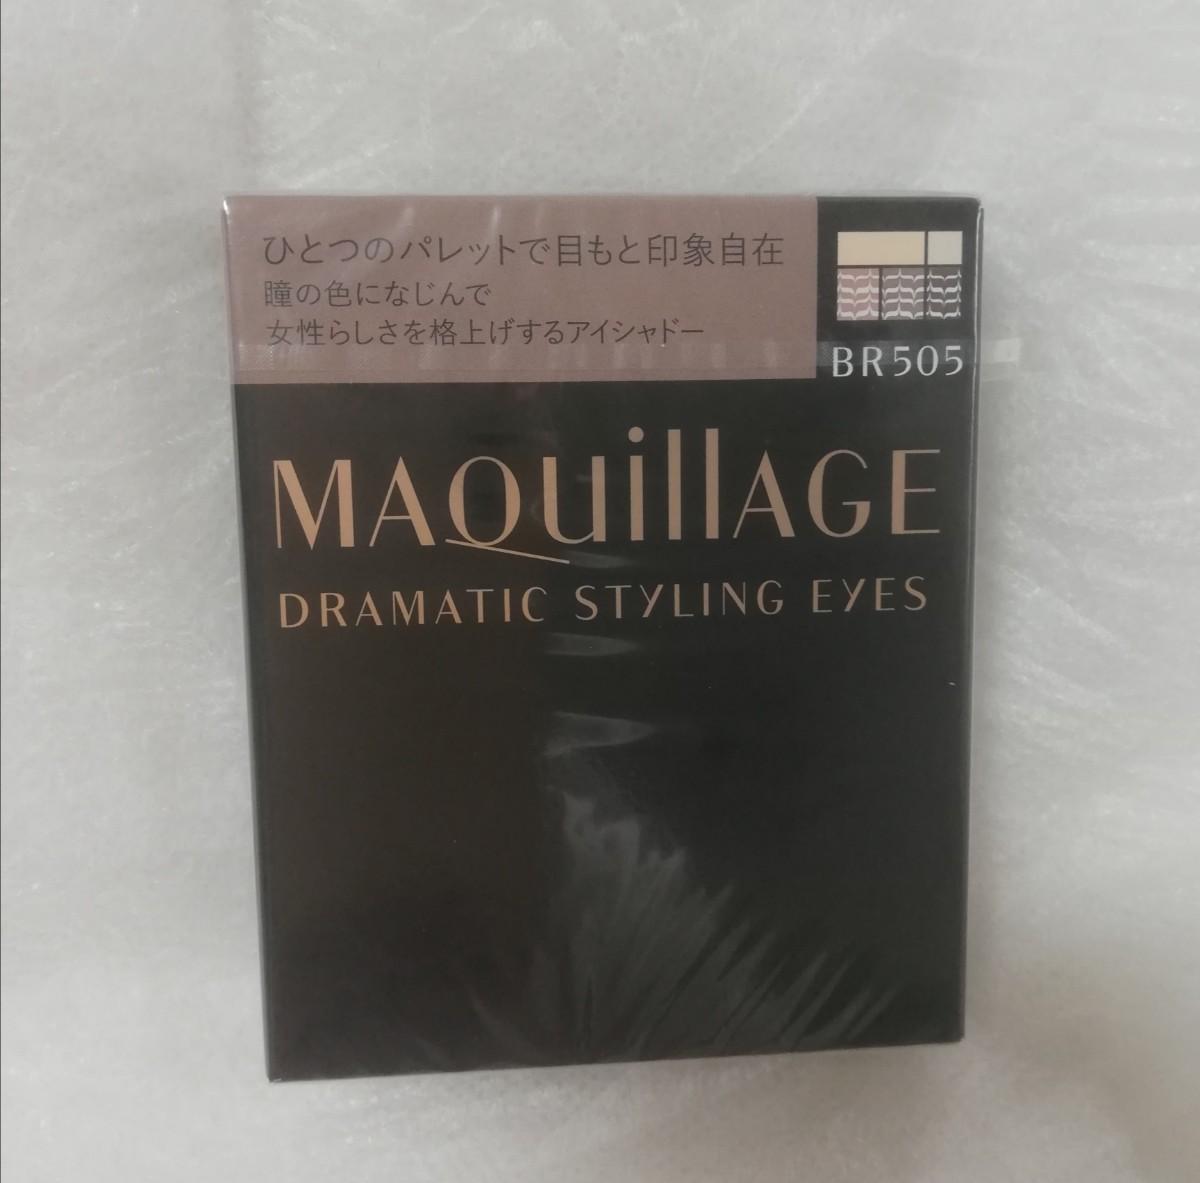 マキアージュ ドラマティック スタイリングアイズBR505  ショコラカプチーノ